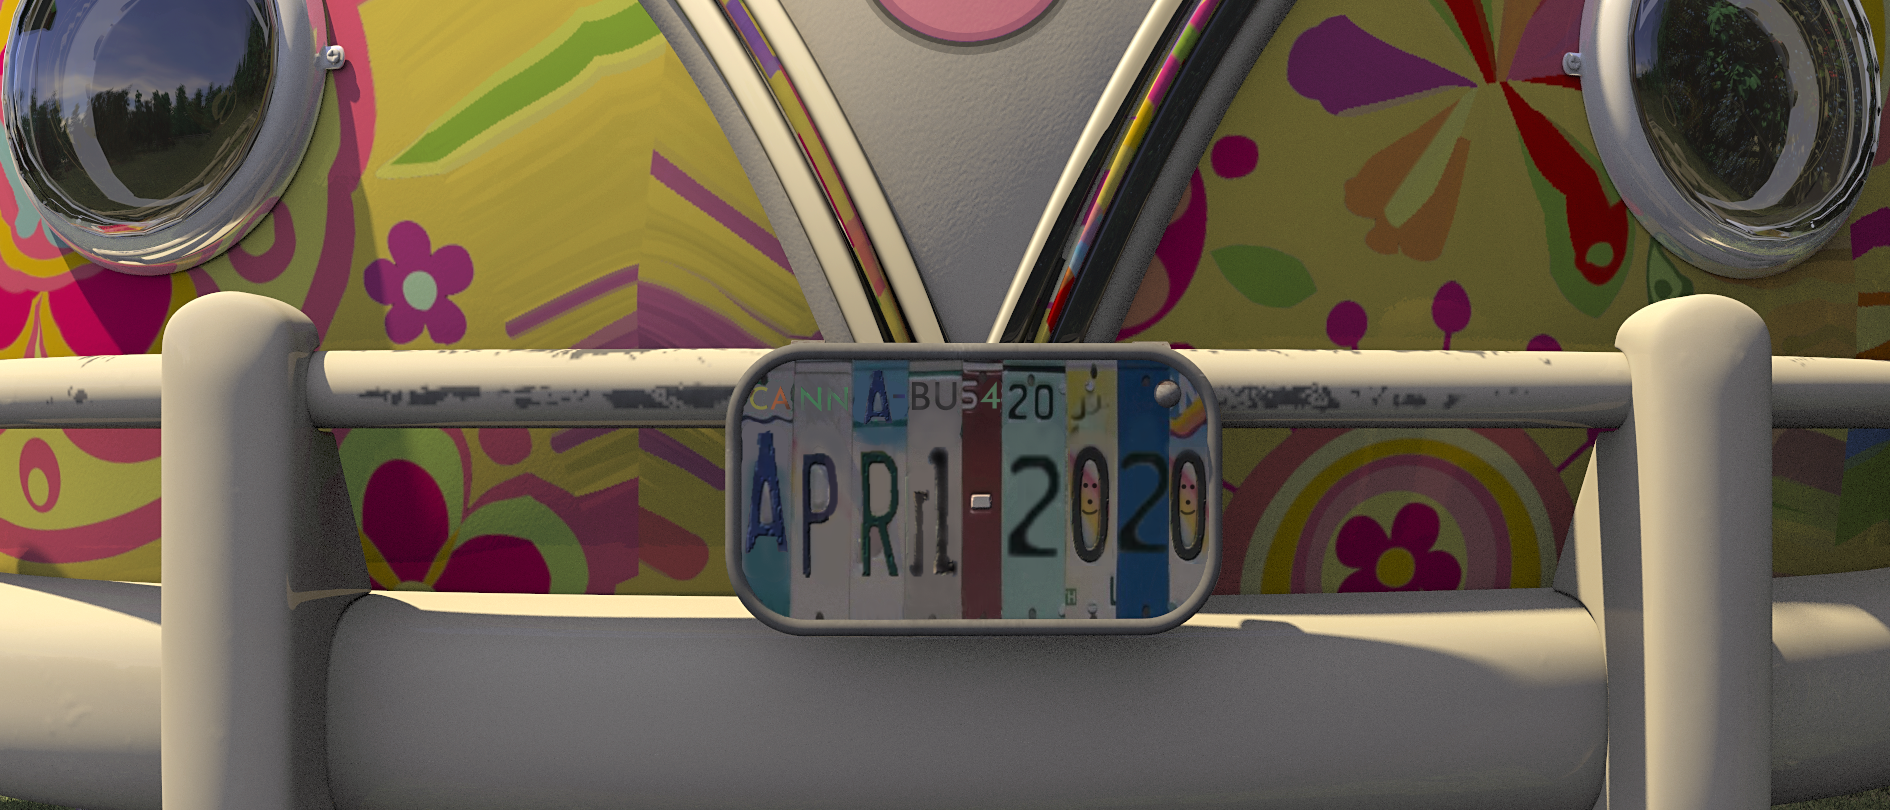 CANNA-BUS: 420